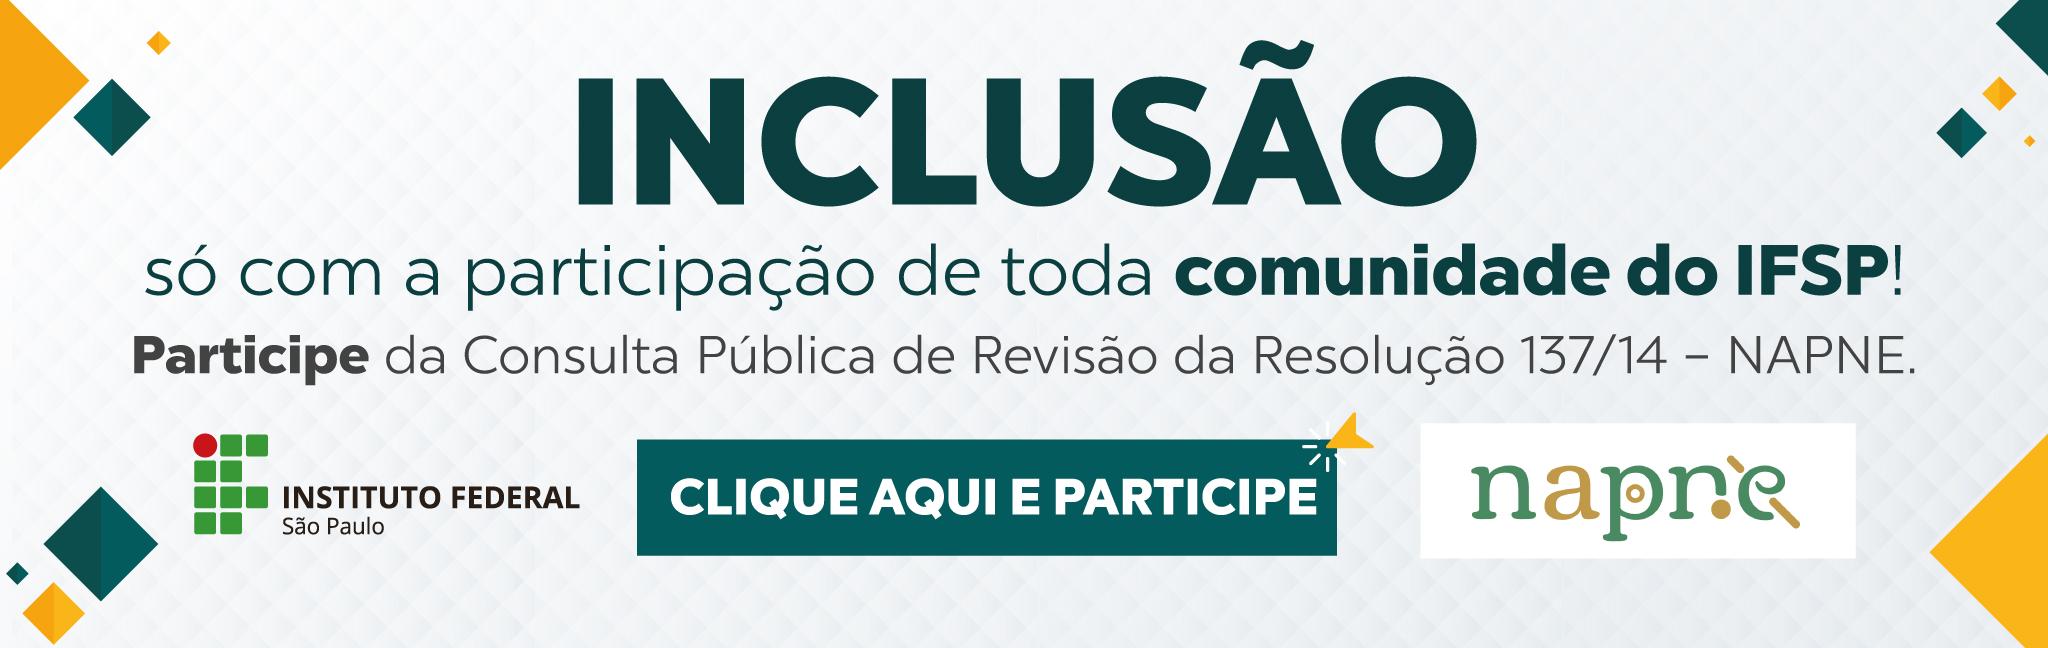 Consulta Pública de Revisão da Resolução 137/14 - NAPNE